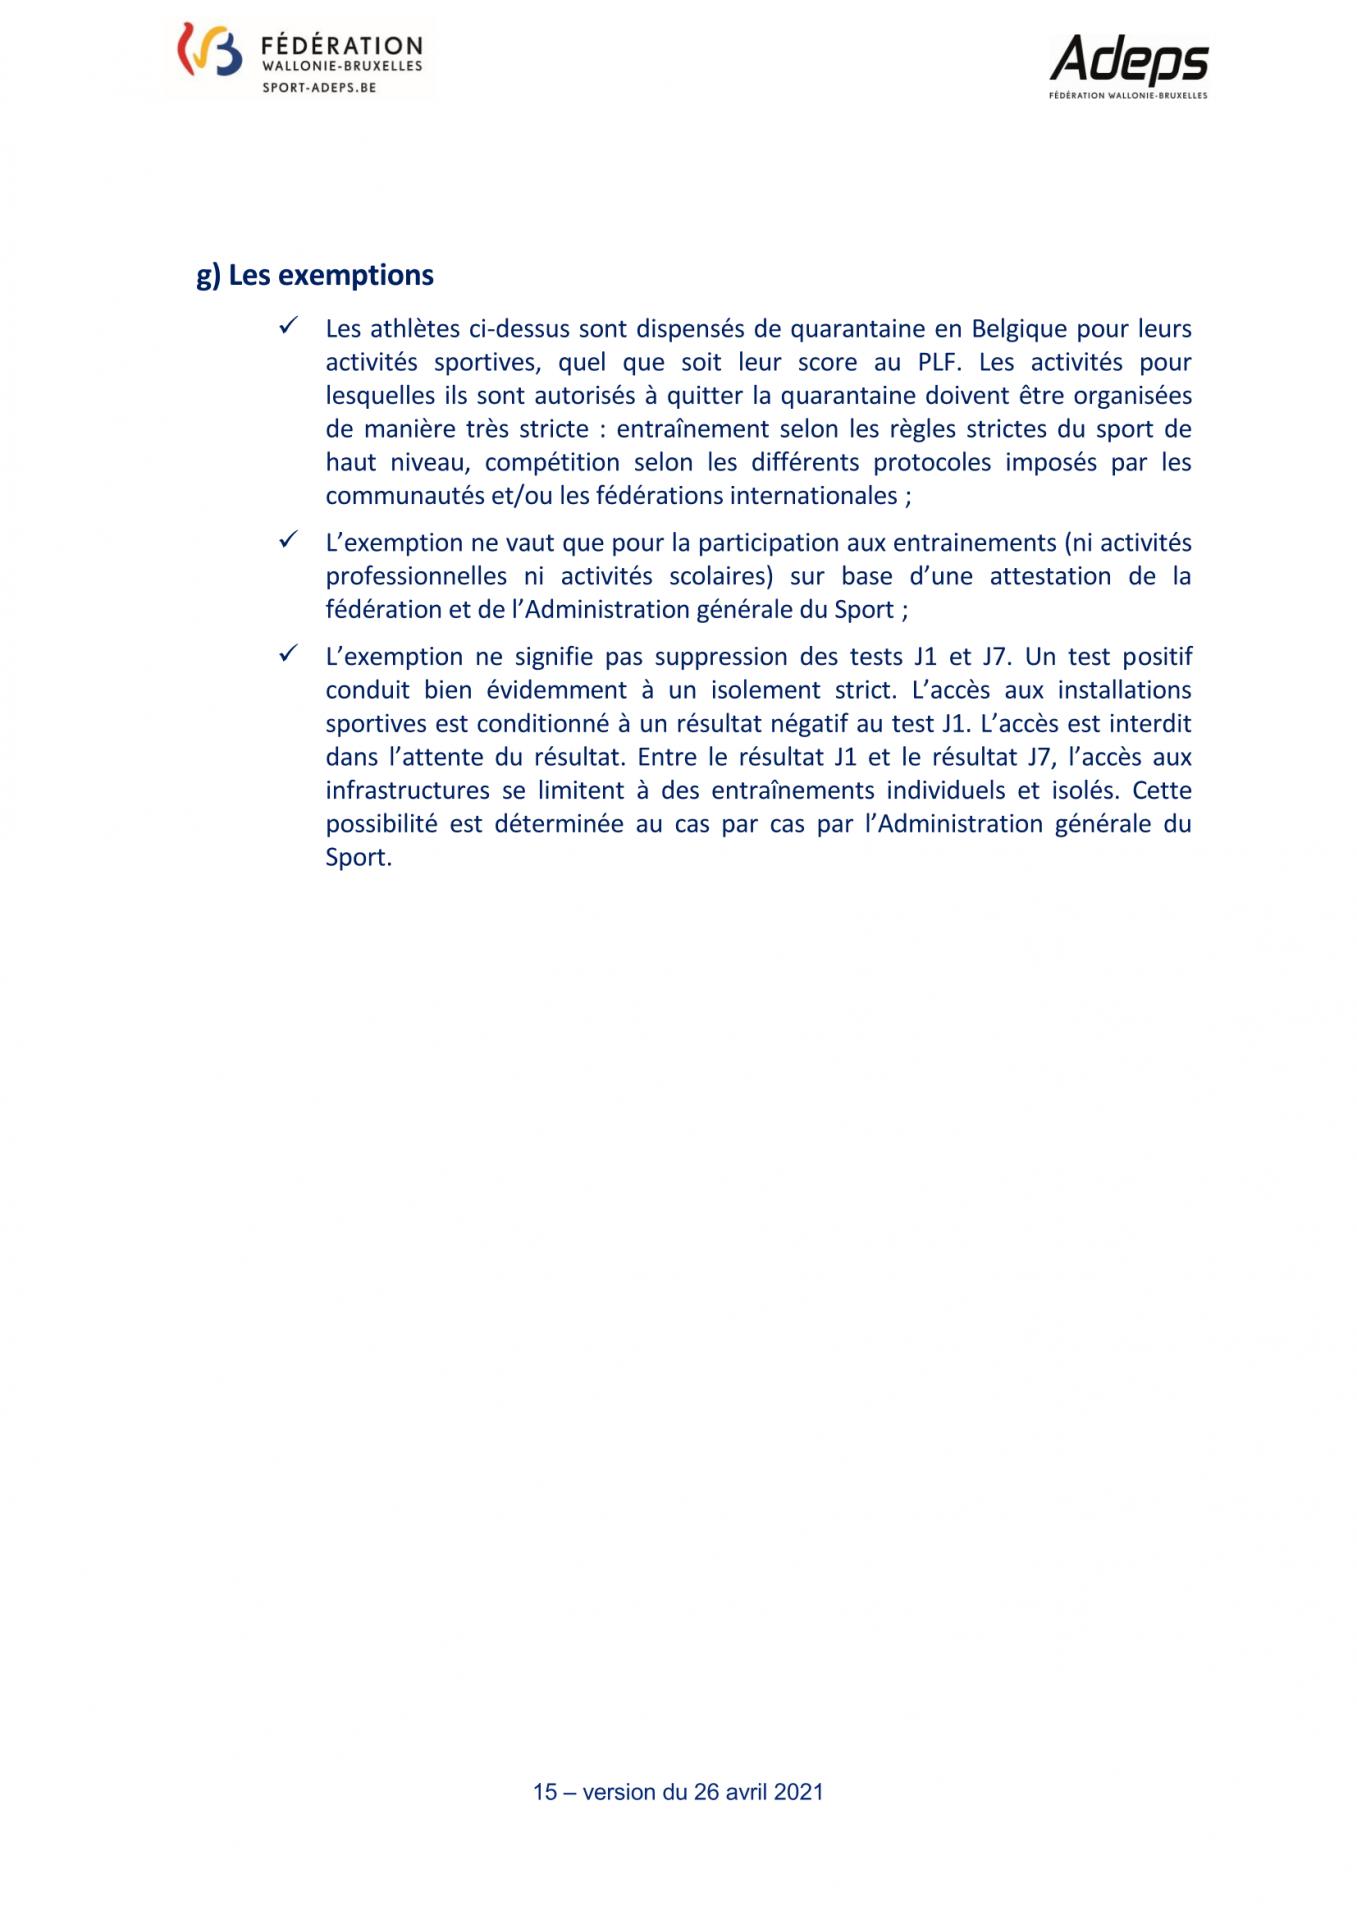 Protocole activites physiques et sportives 26 avril 2021 page 19